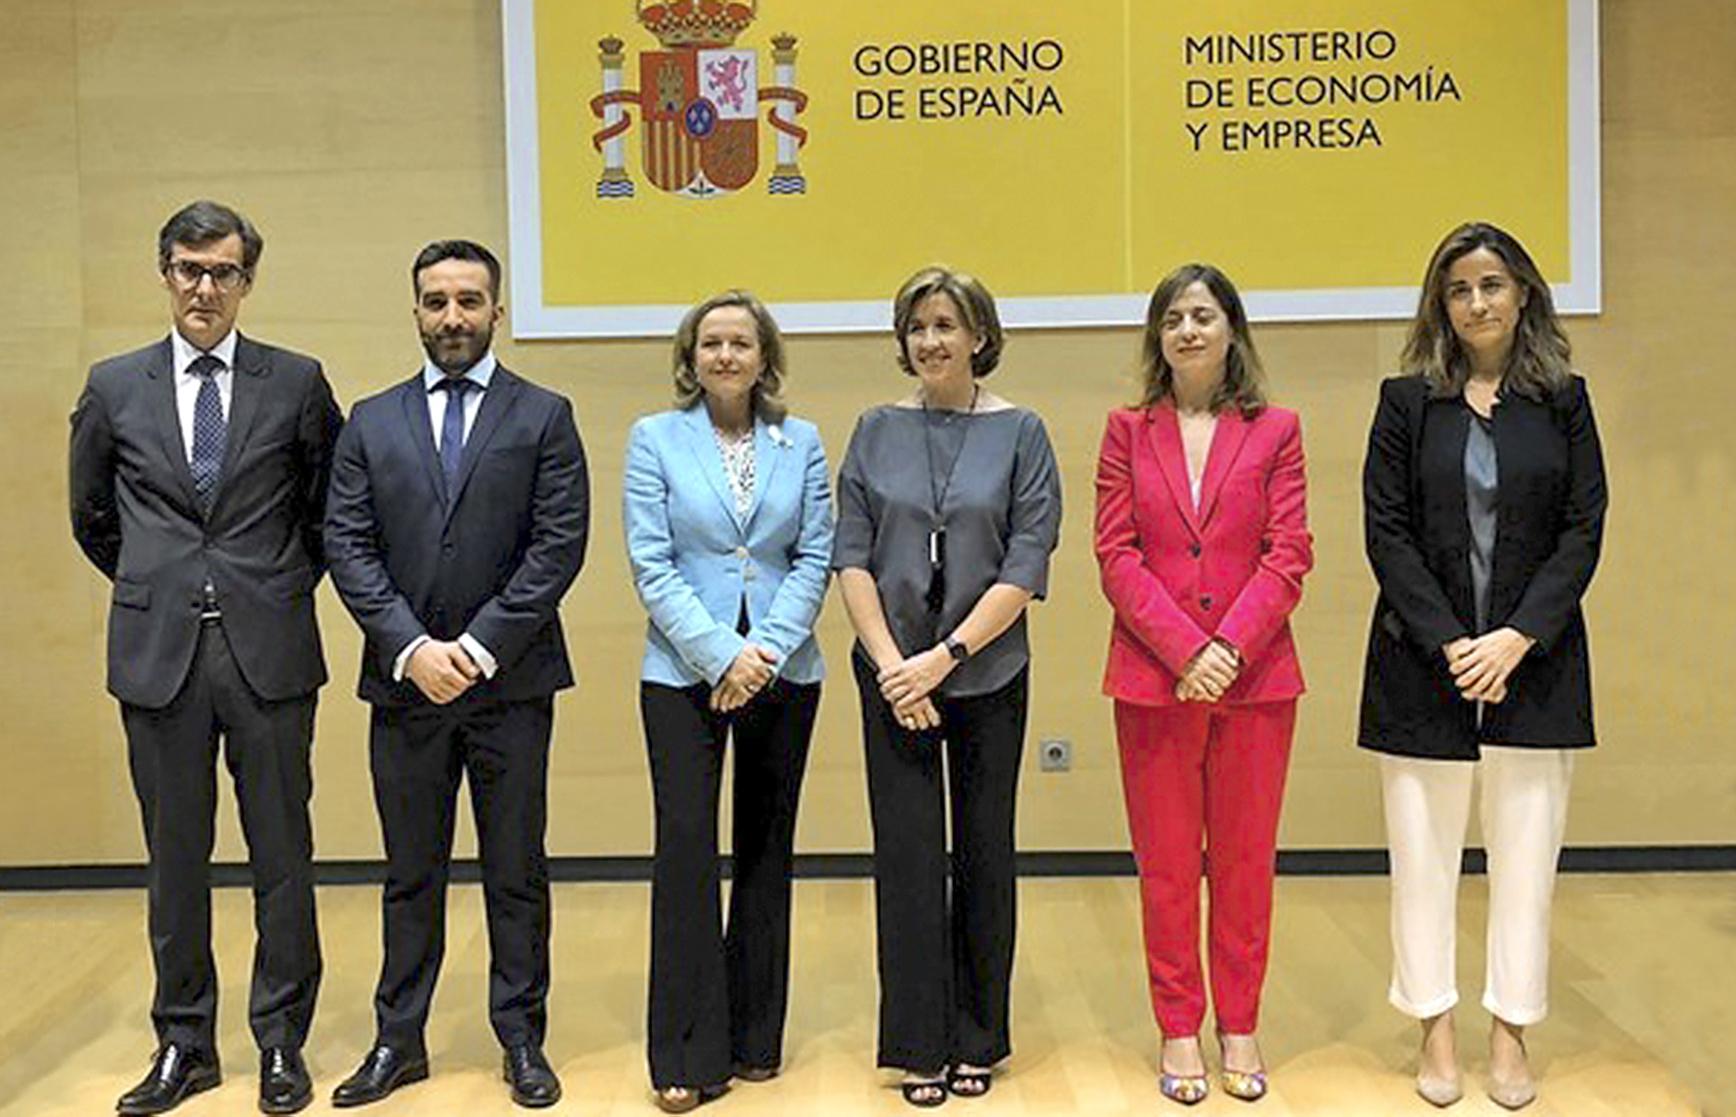 De izquierda a derecha, Carlos San Basilio, Francisco Polo, Ana de la Cueva, Amparo López y Carmen Balsa.